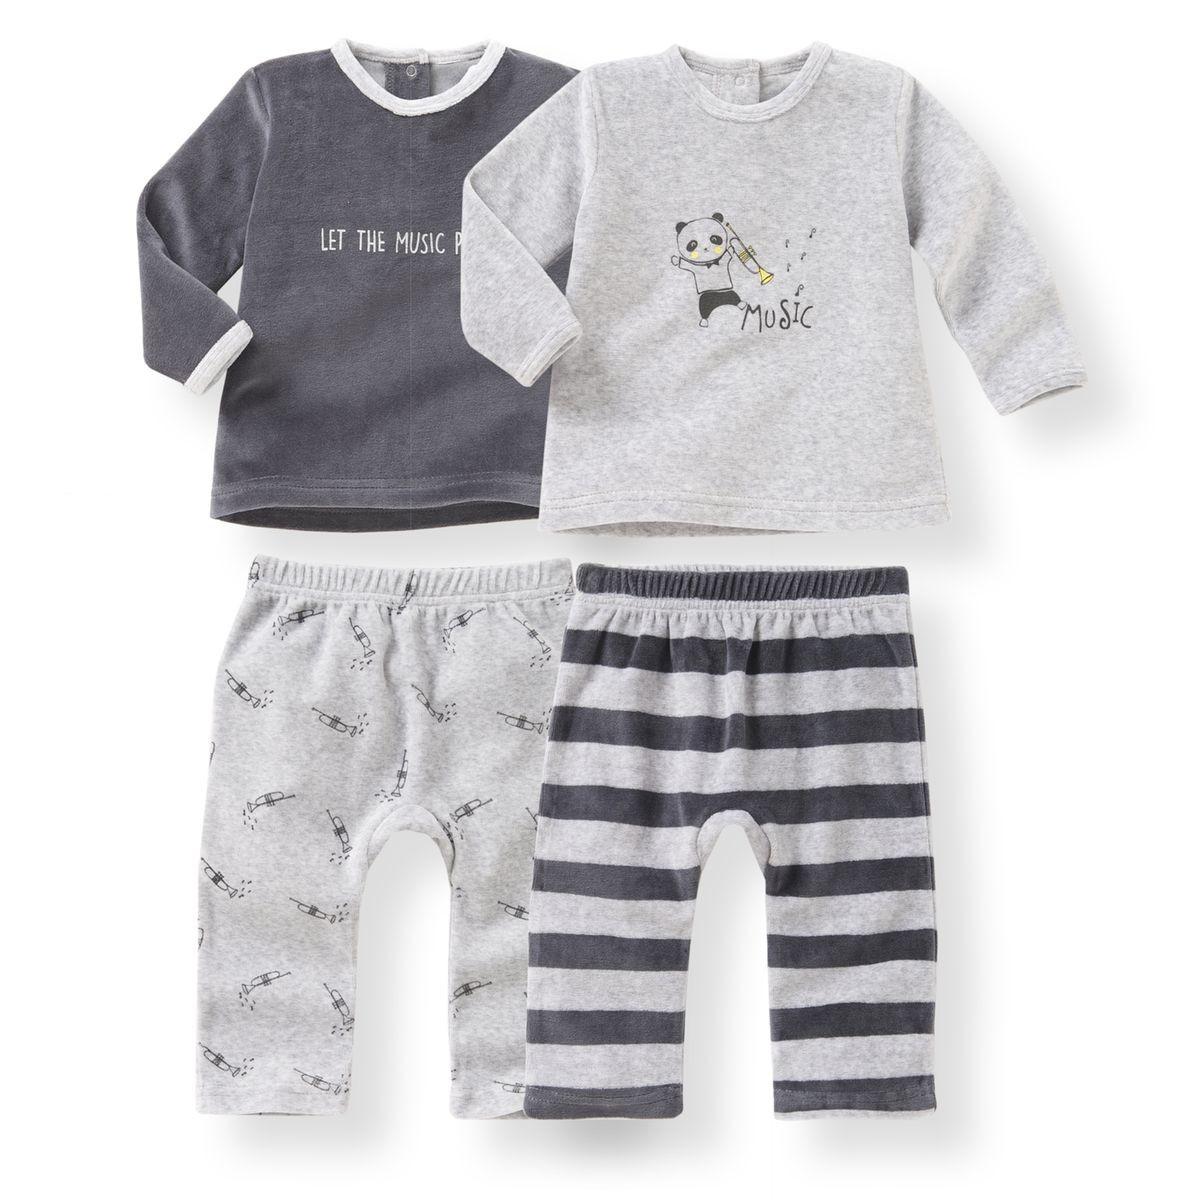 b4600e959f0f4 Lot De 2 Pyjamas 2 Pièces Velours - Oeko Tex - Taille   naissance 1